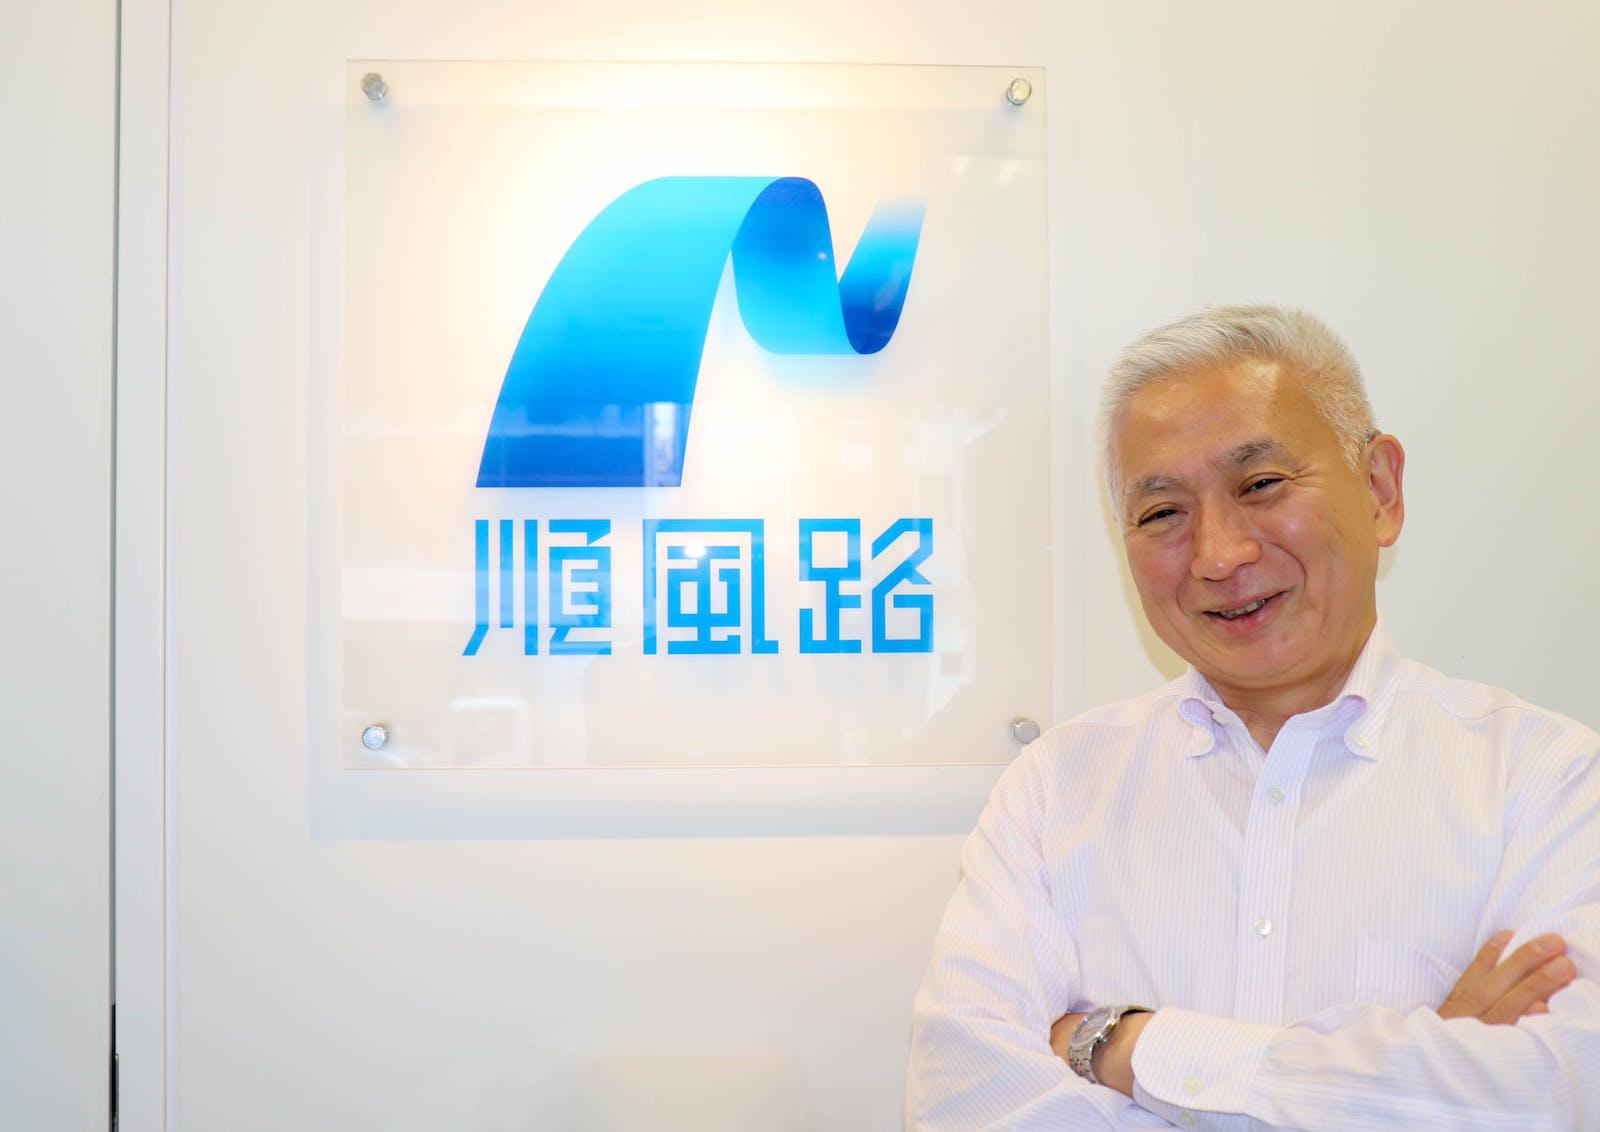 順風路株式会社のアイキャッチ画像